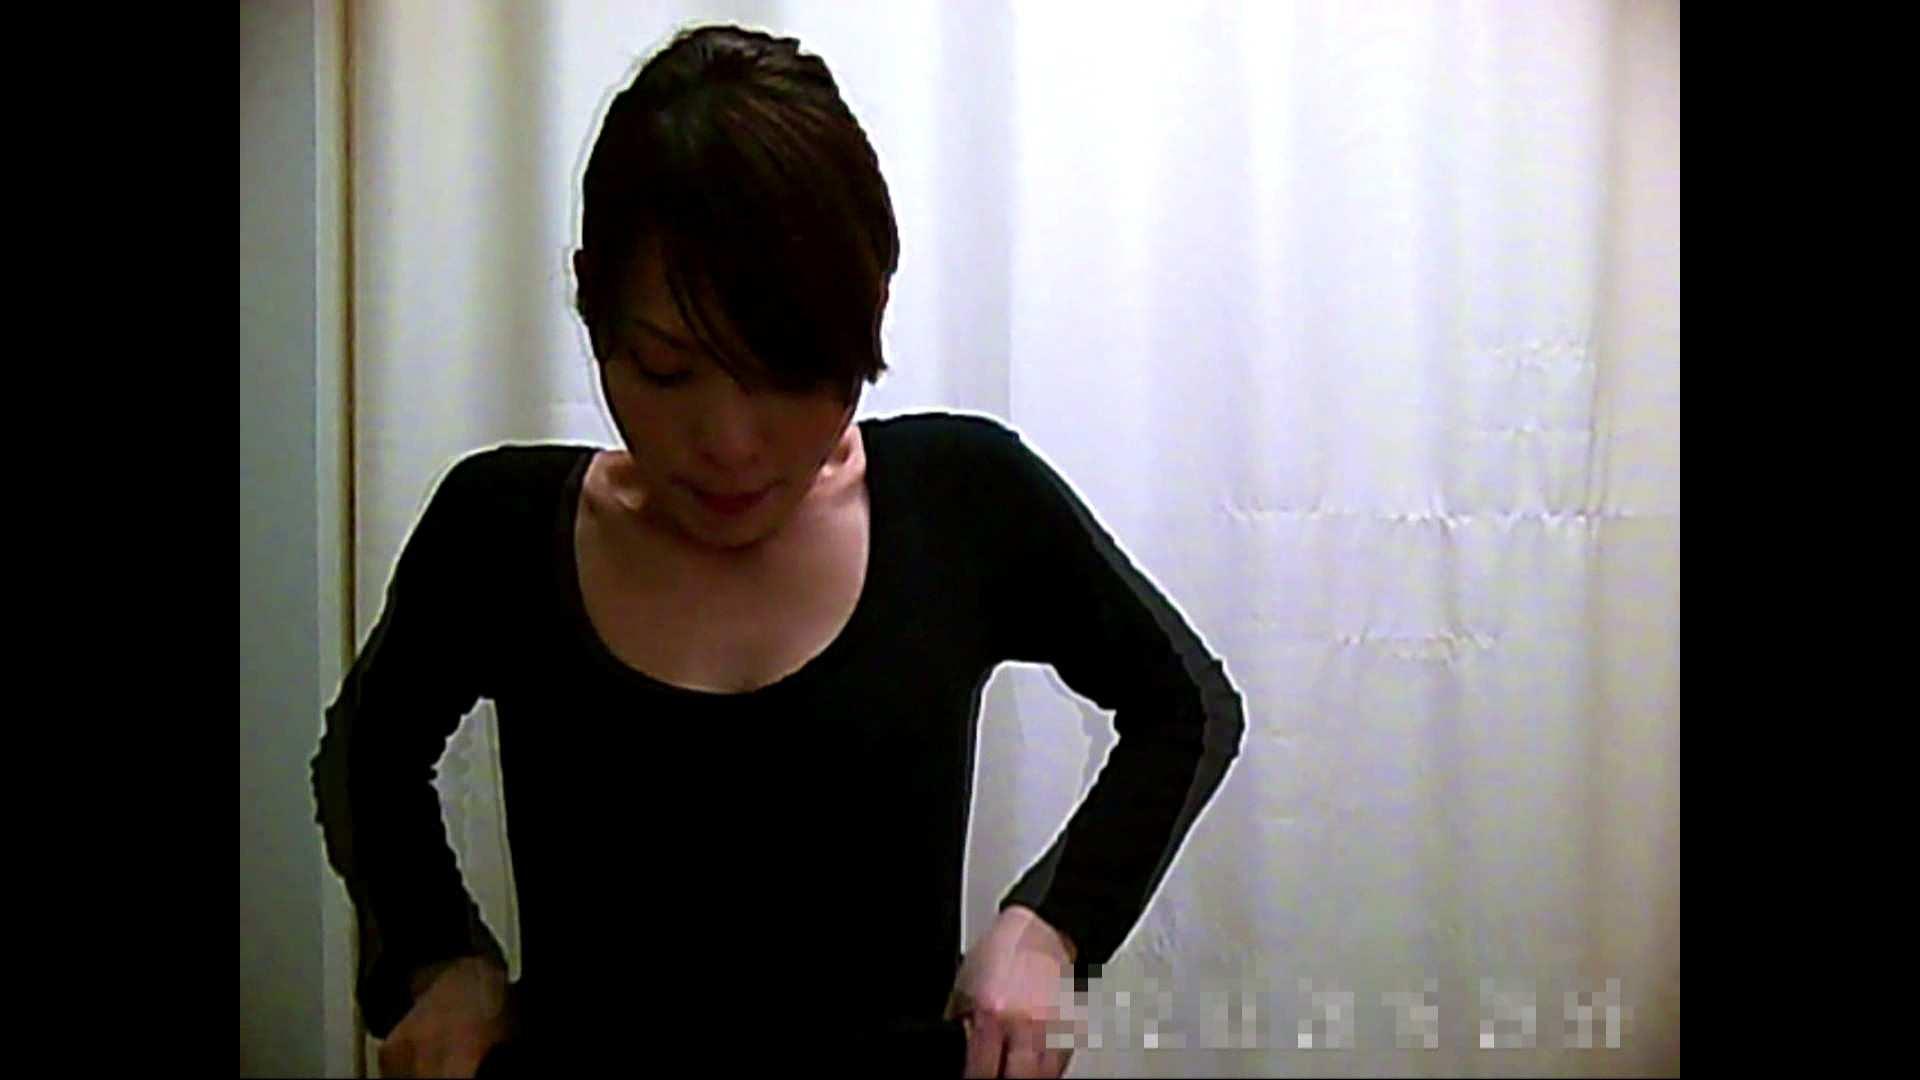 元医者による反抗 更衣室地獄絵巻 vol.024 エッチすぎるOL達  30連発 28